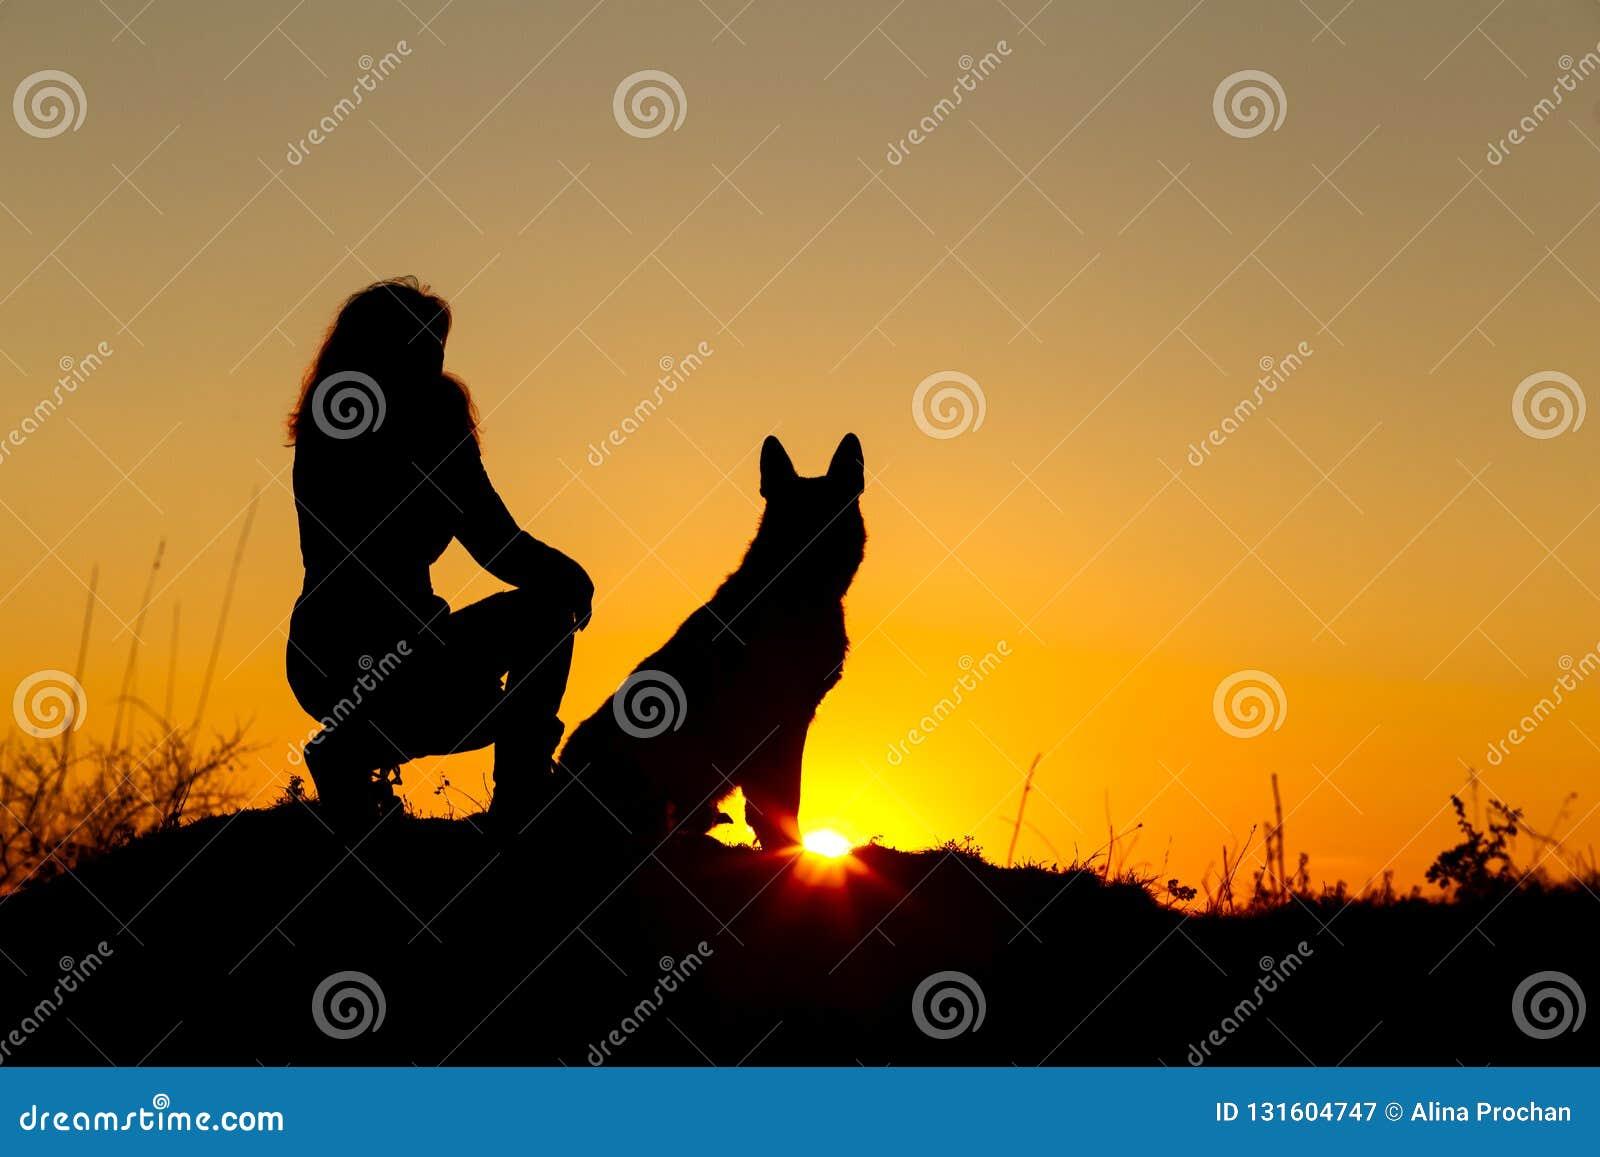 Γυναίκα σκιαγραφιών που περπατά με ένα σκυλί στον τομέα στο ηλιοβασίλεμα, συνεδρίαση κατοικίδιων ζώων κοντά στο πόδι του κοριτσιο